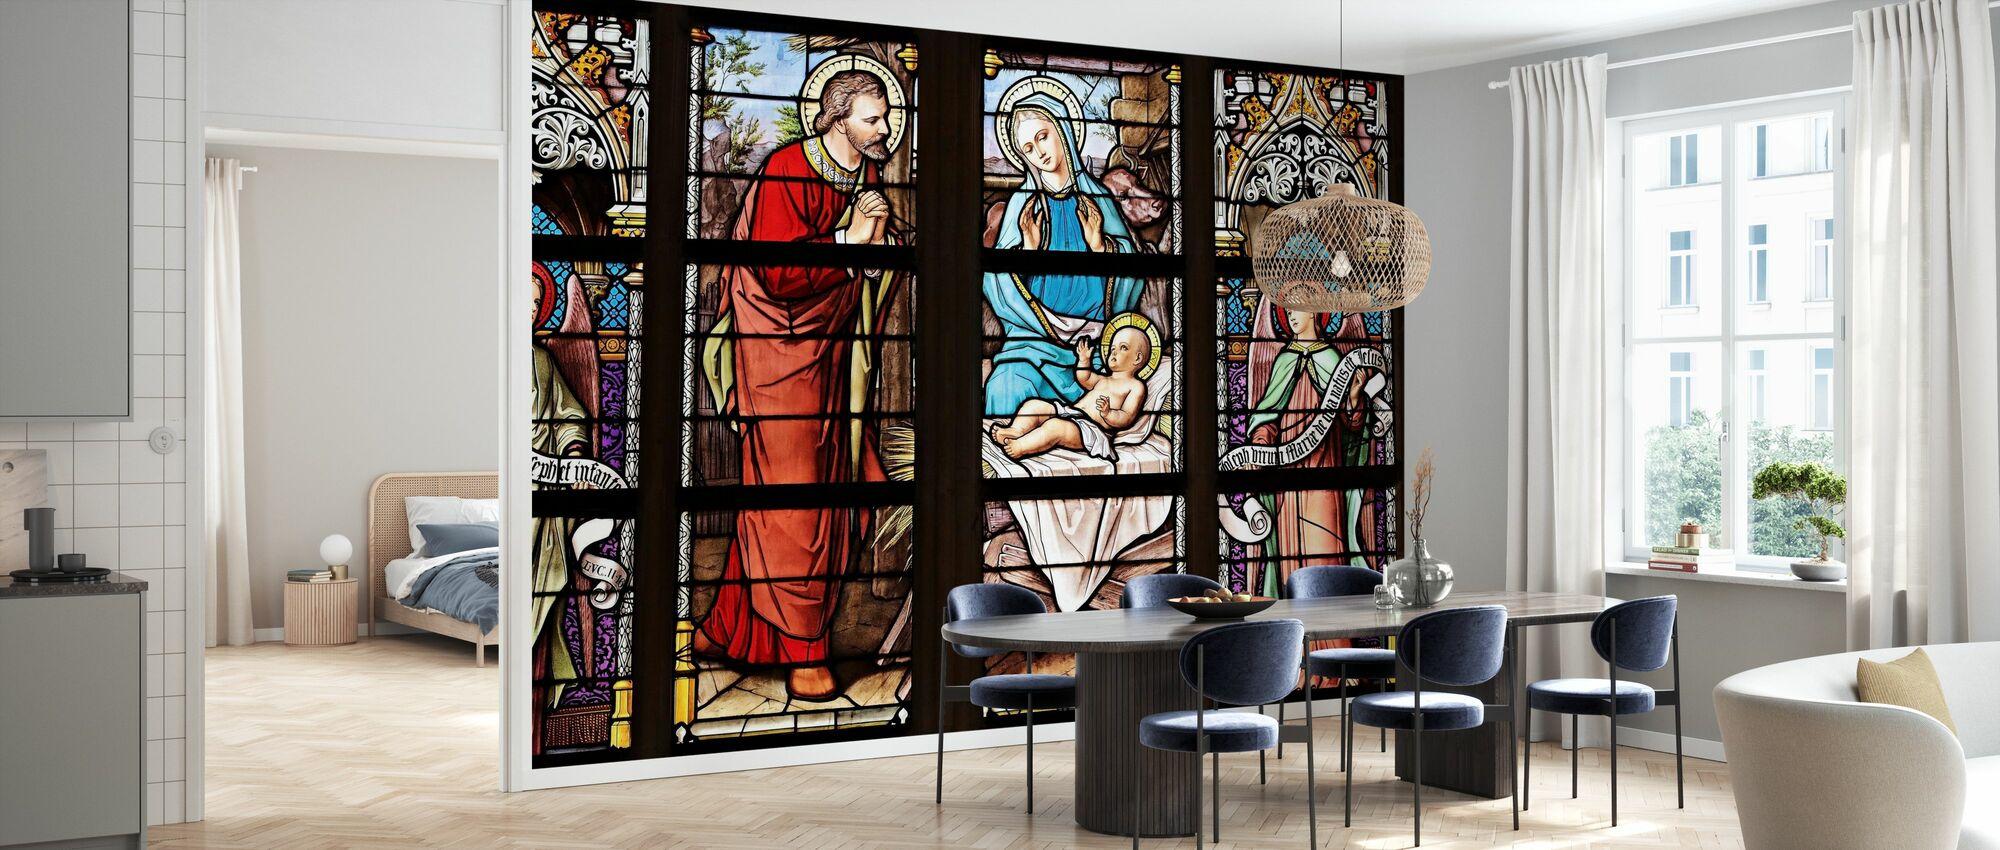 Church Window - Wallpaper - Kitchen